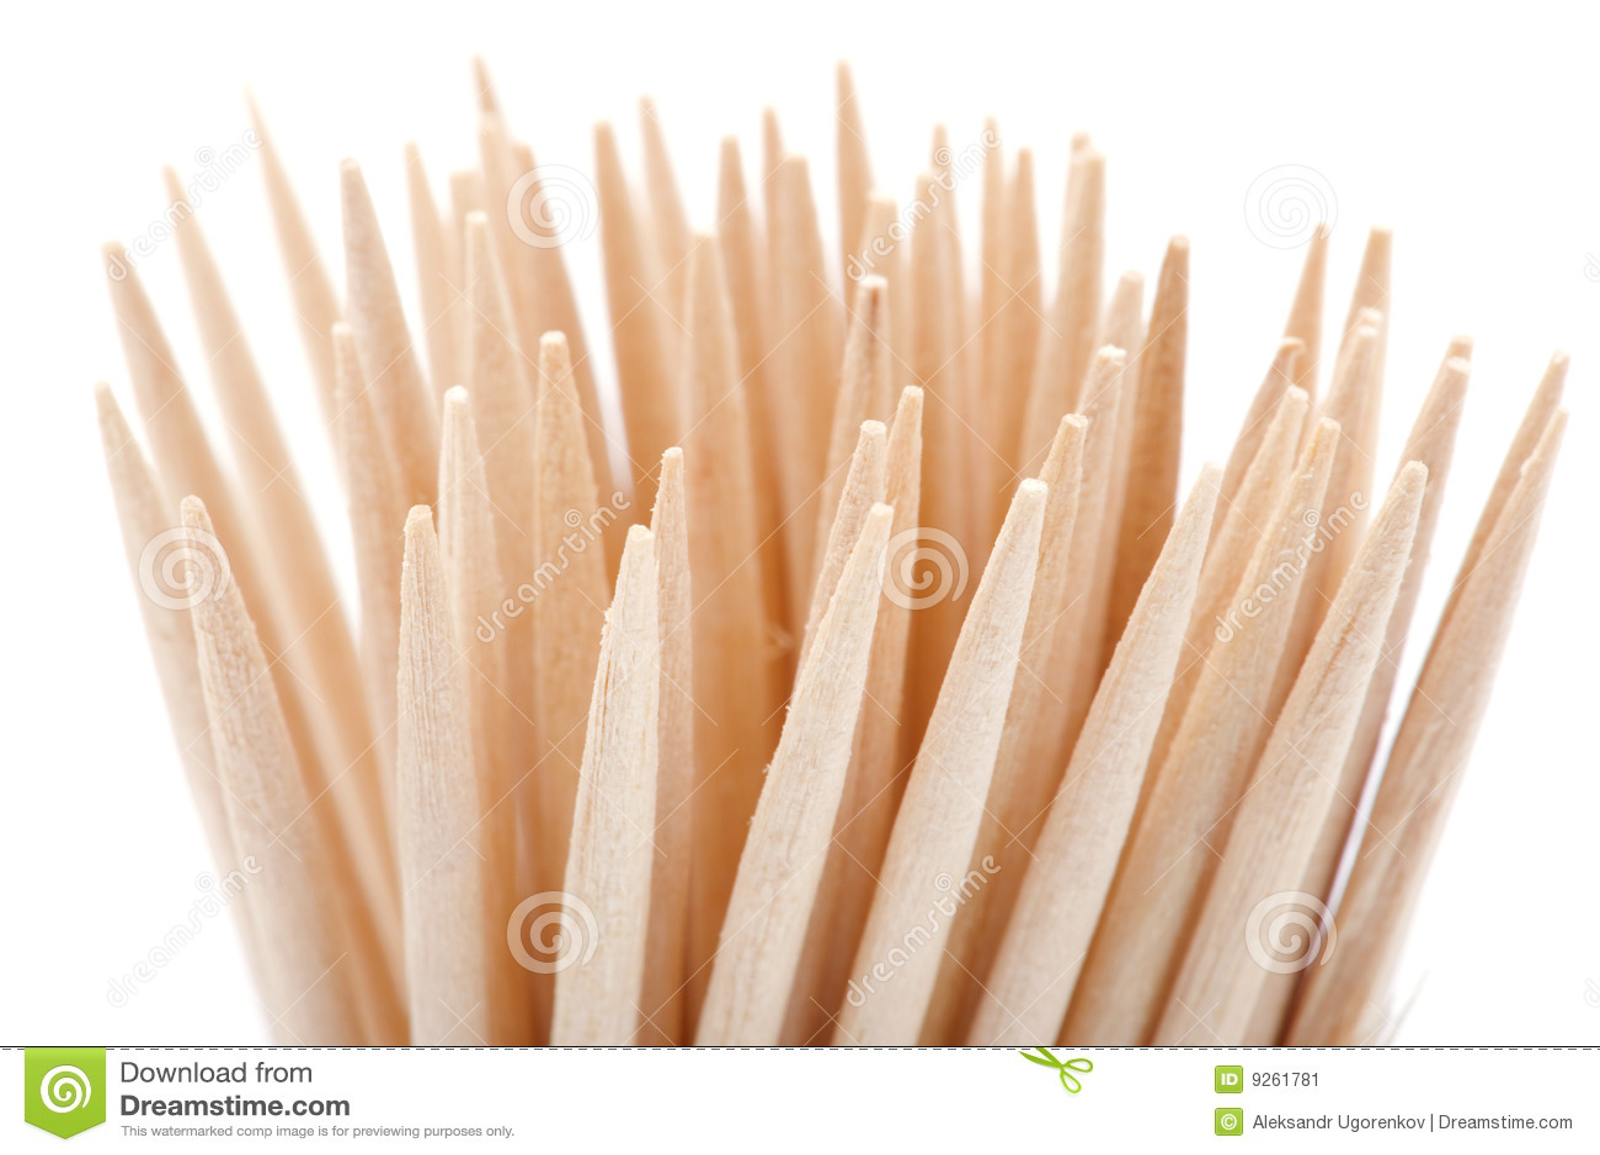 Toothpick en el fondo blanco